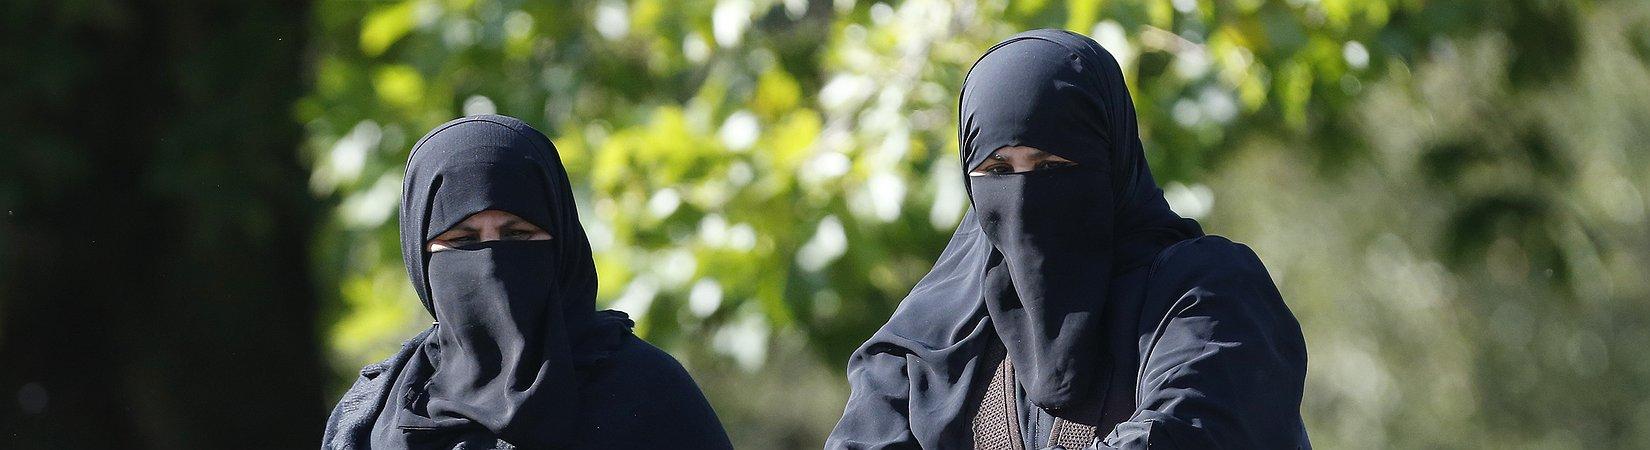 Sentenza della Corte di Giustizia dell'Unione europea: si può vietare il velo islamico sul posto di lavoro